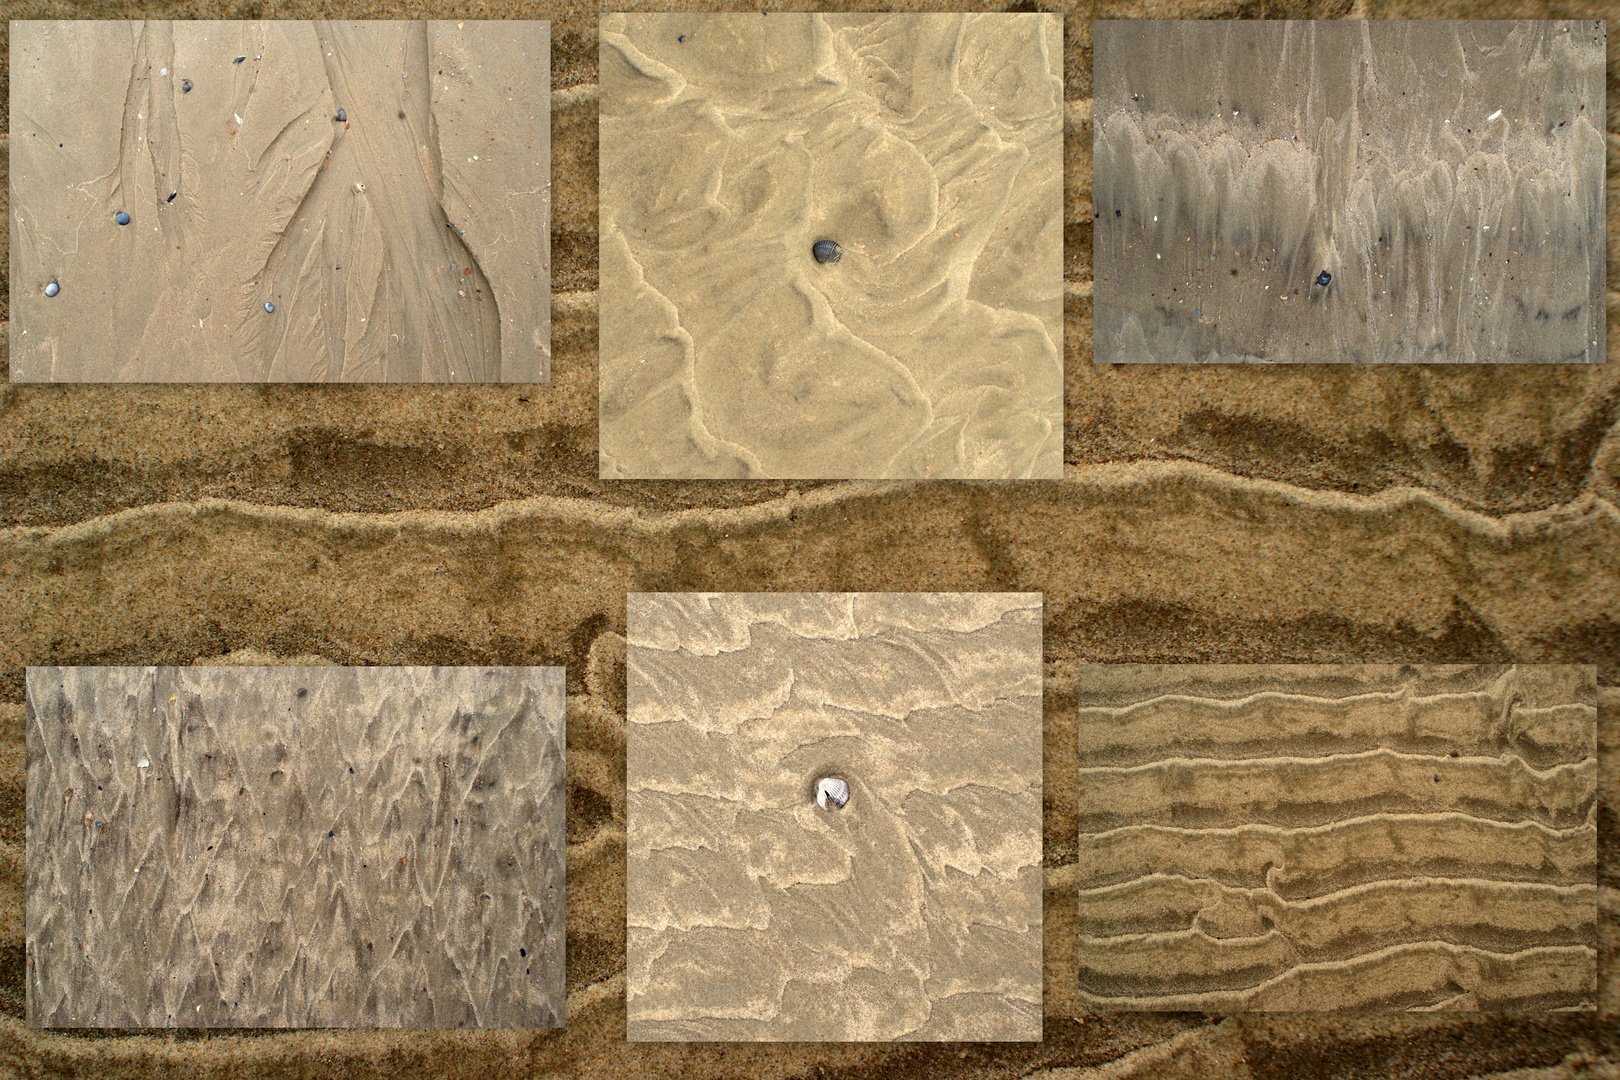 Der Meeresboden, kreativ gestaltet durch die Gezeiten.